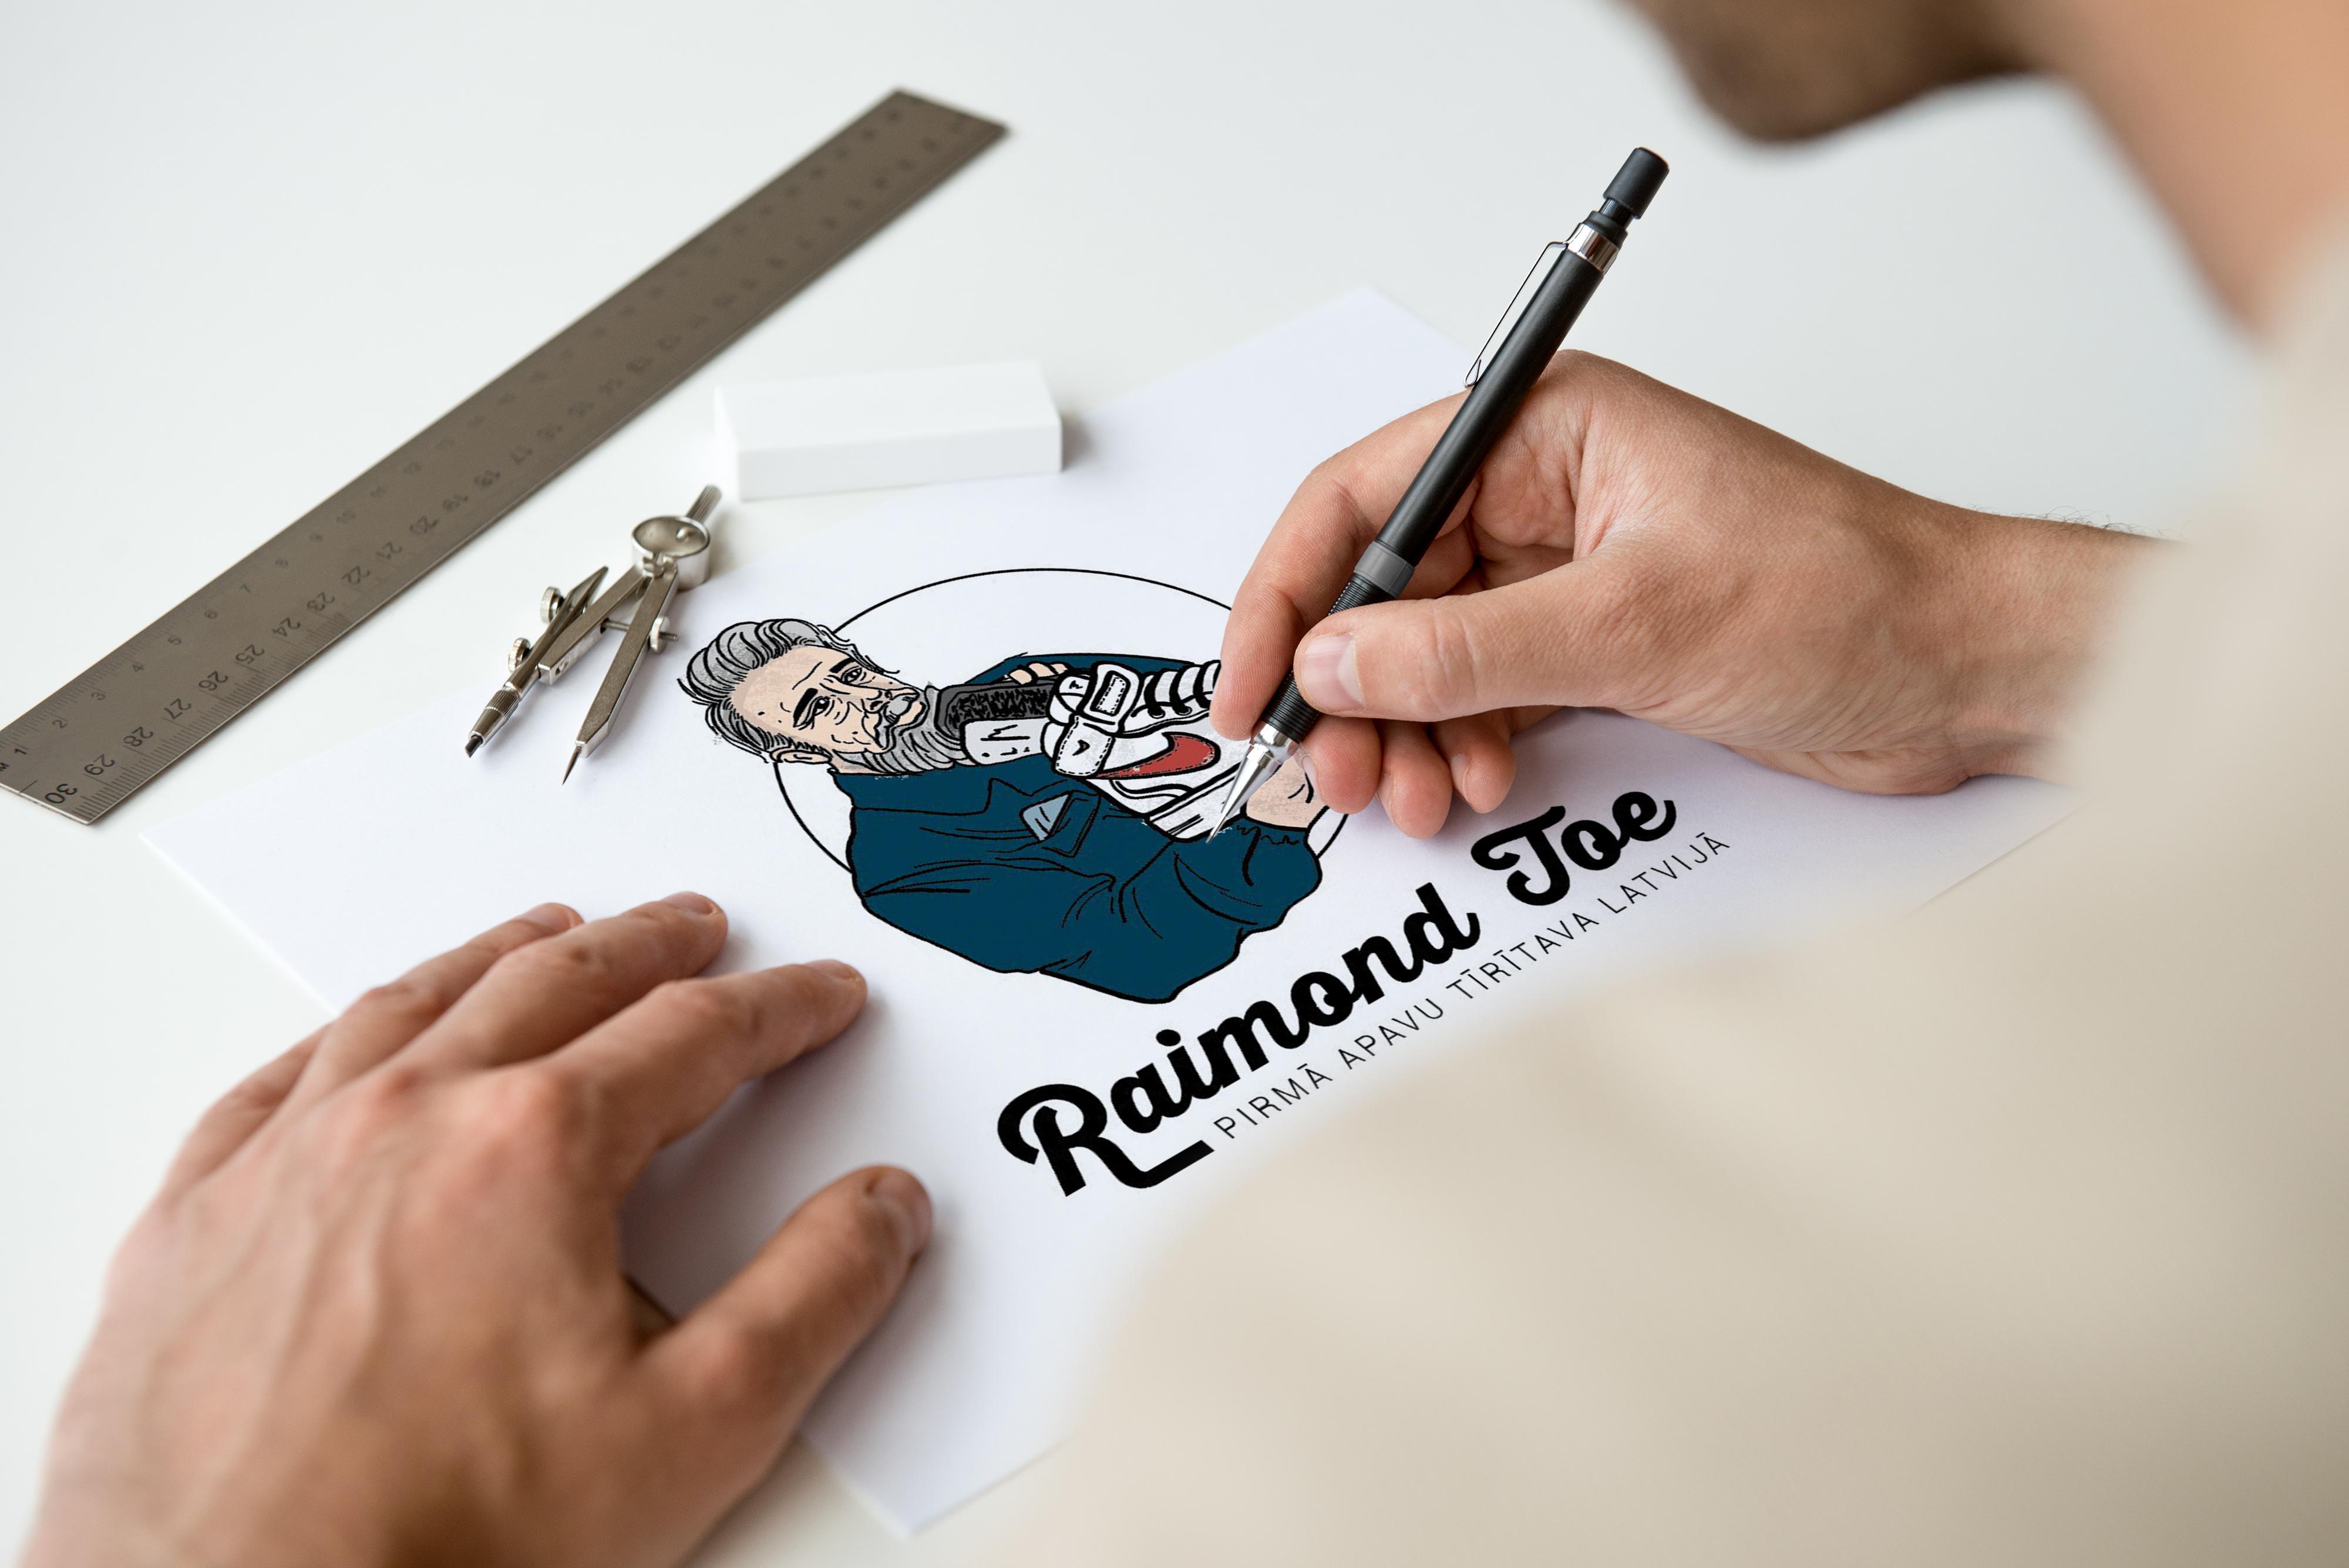 Raimond Joe